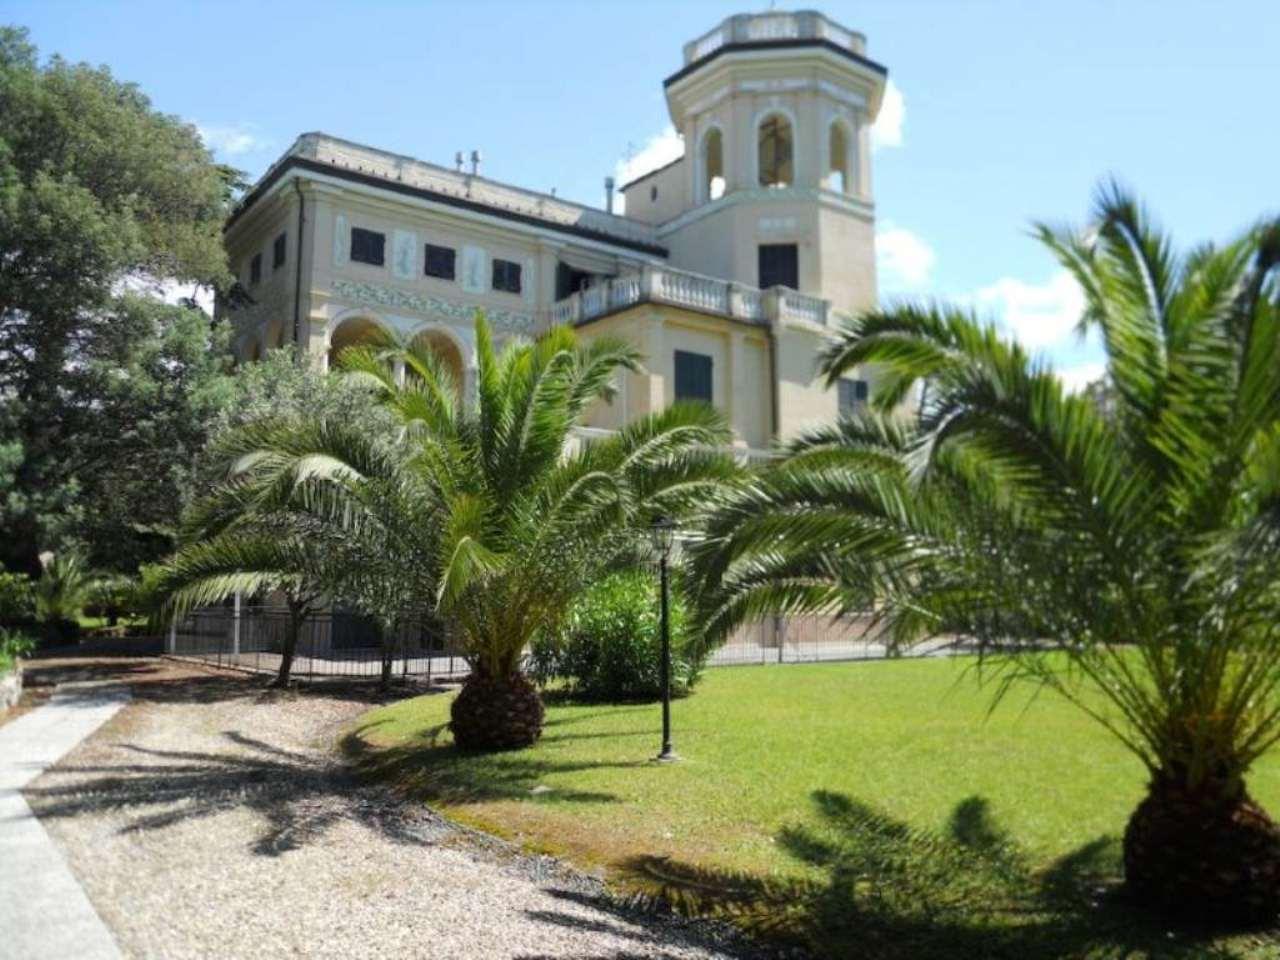 Villa in vendita a Genova, 20 locali, zona Zona: 19 . Quarto, Trattative riservate | Cambio Casa.it